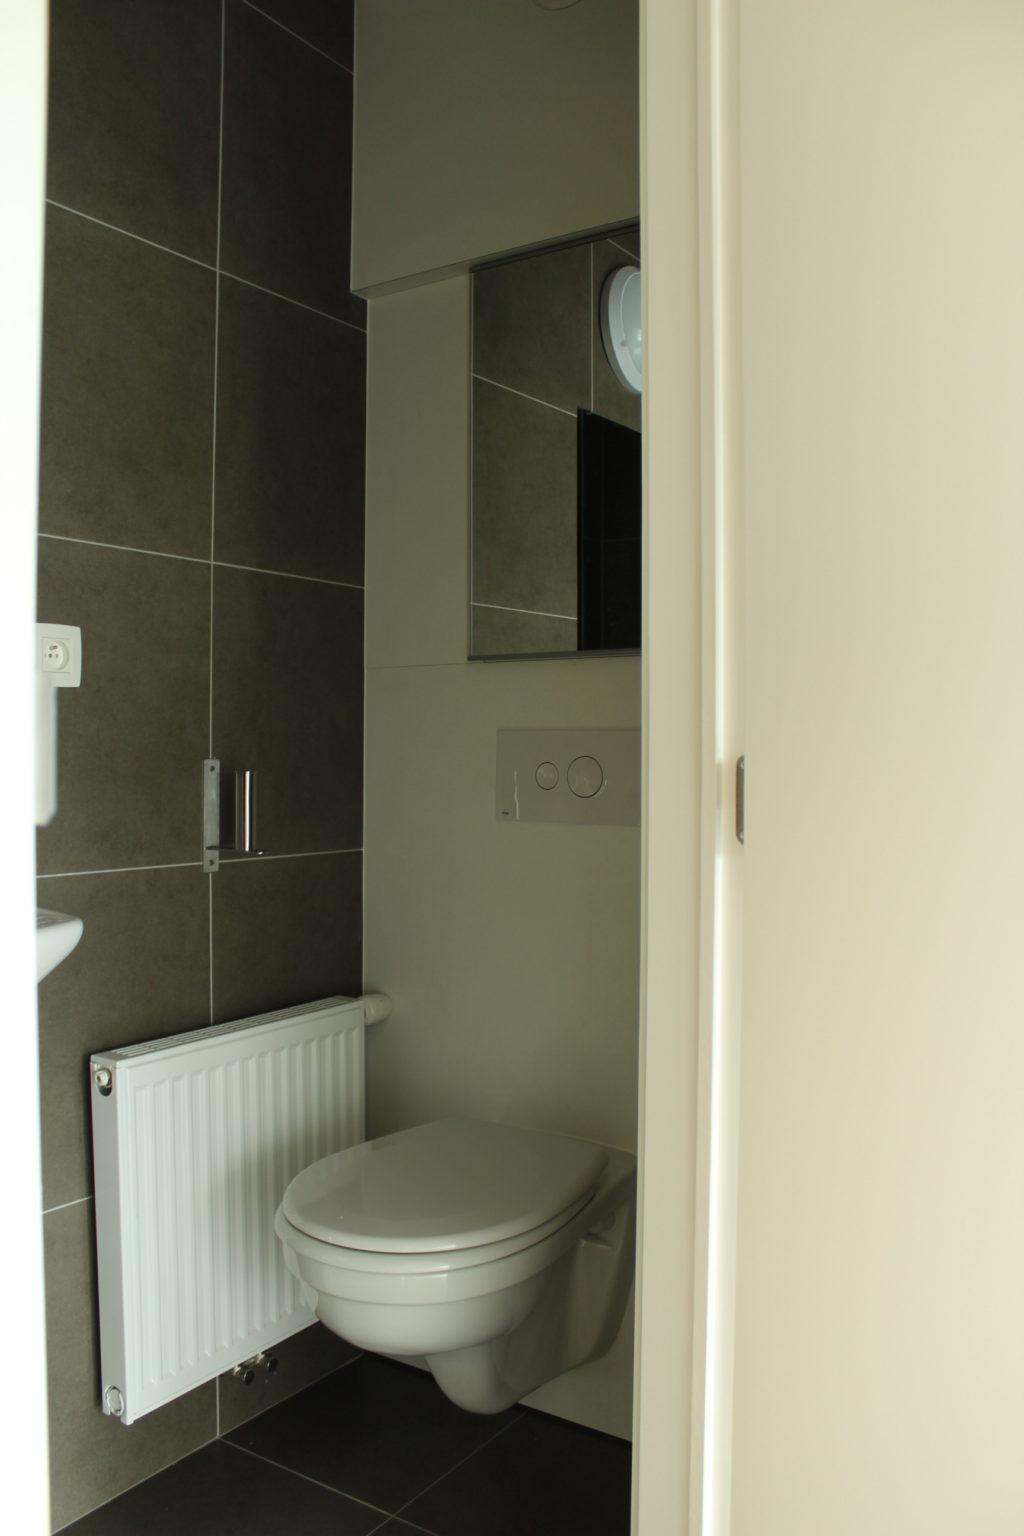 Wilgenstraat 45 - Kamer 12 - Deur badkamer met toilet